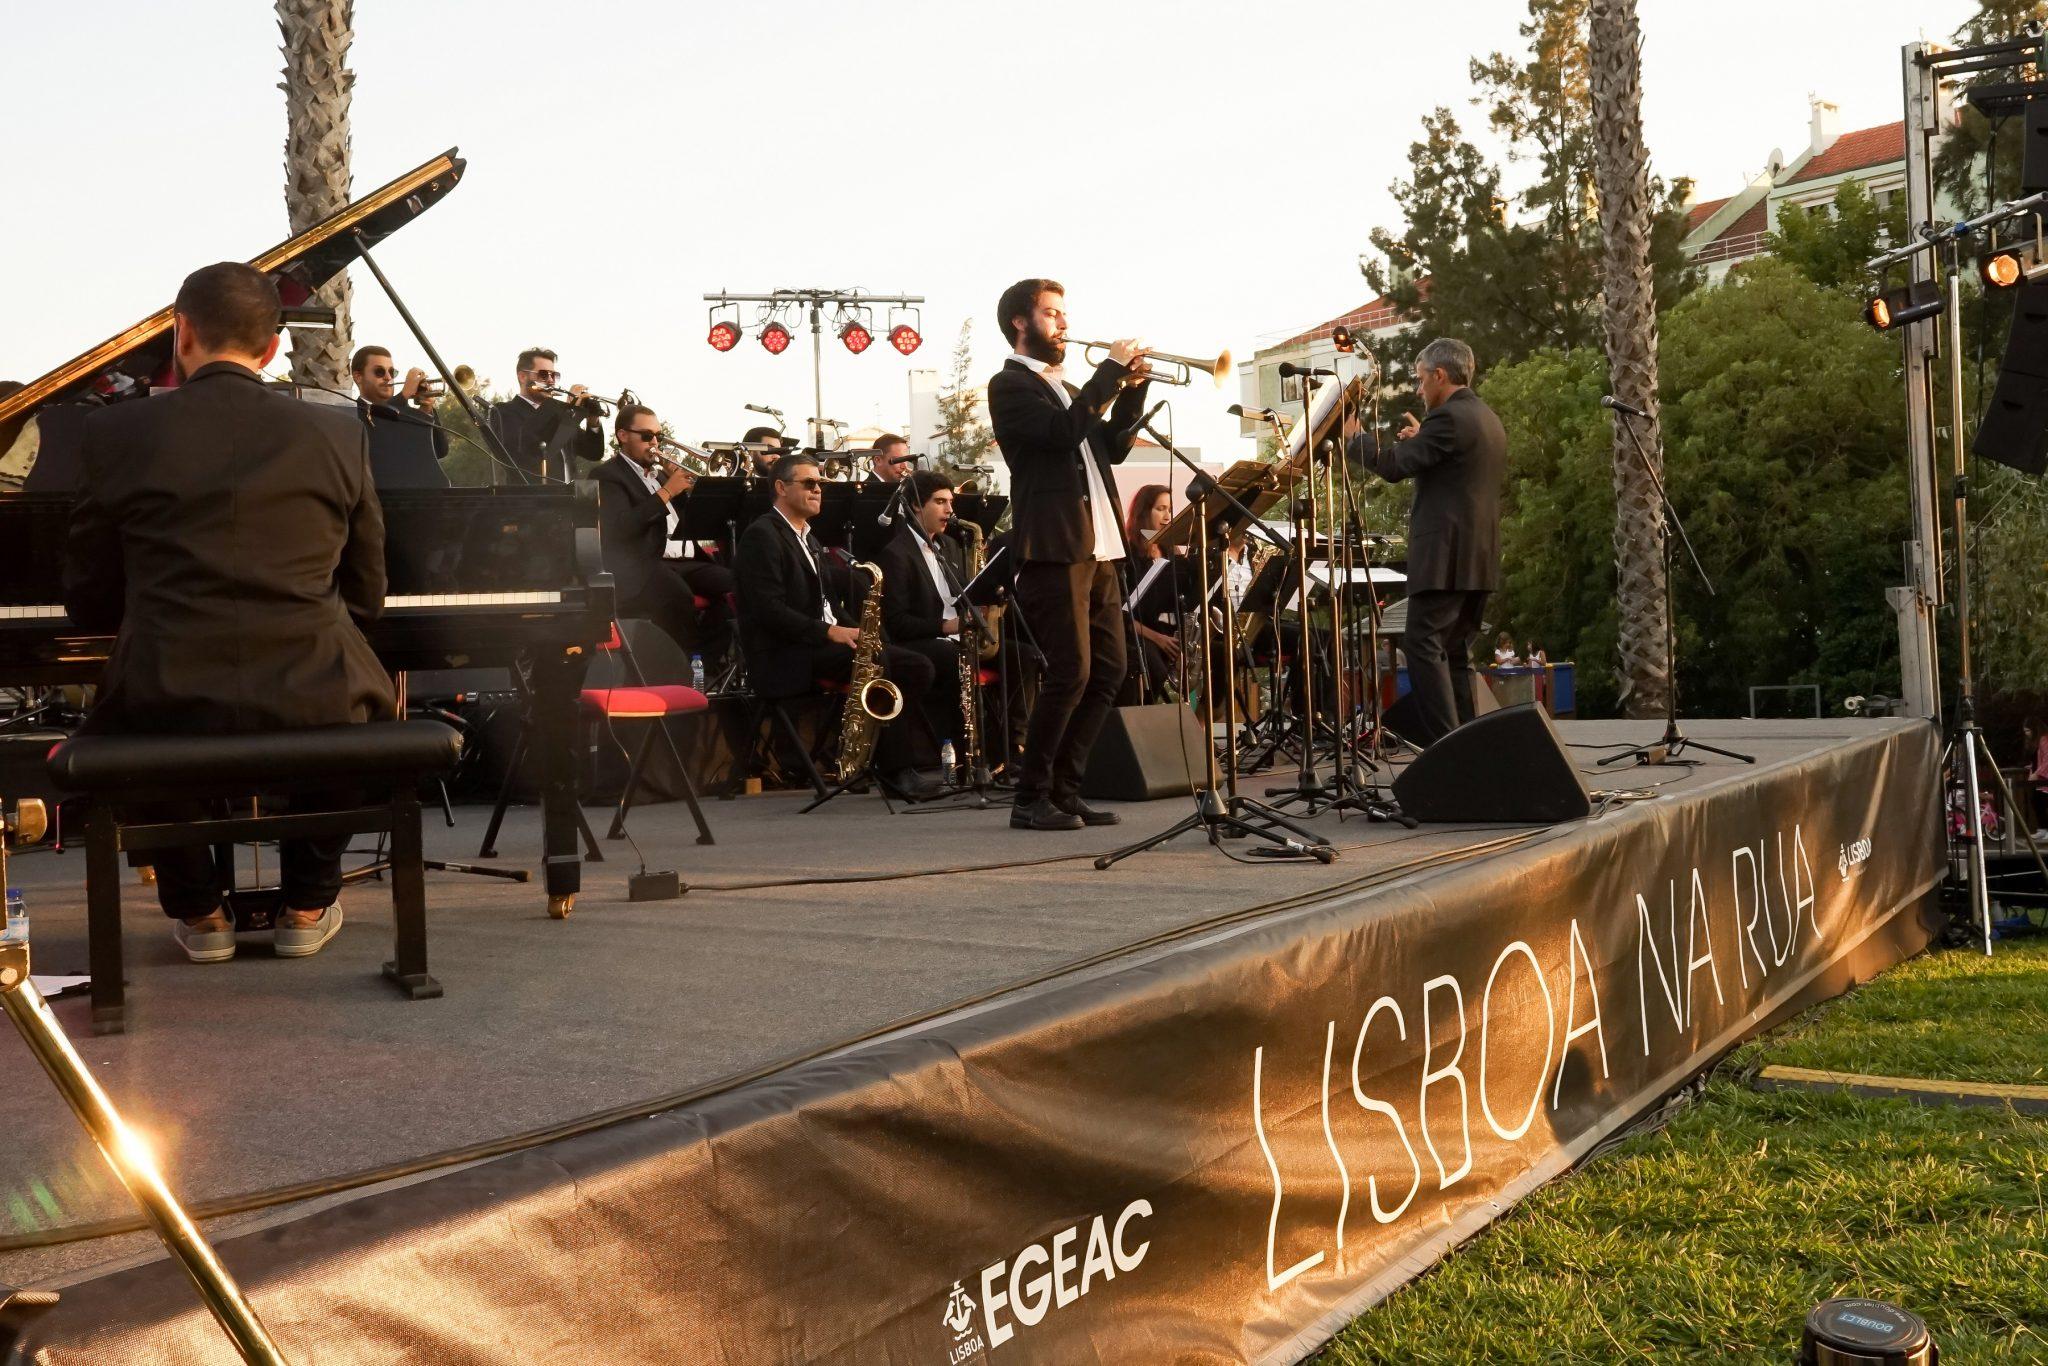 Músicos em palco, de lado para o observador, tocam trompete, piano e saxofone.